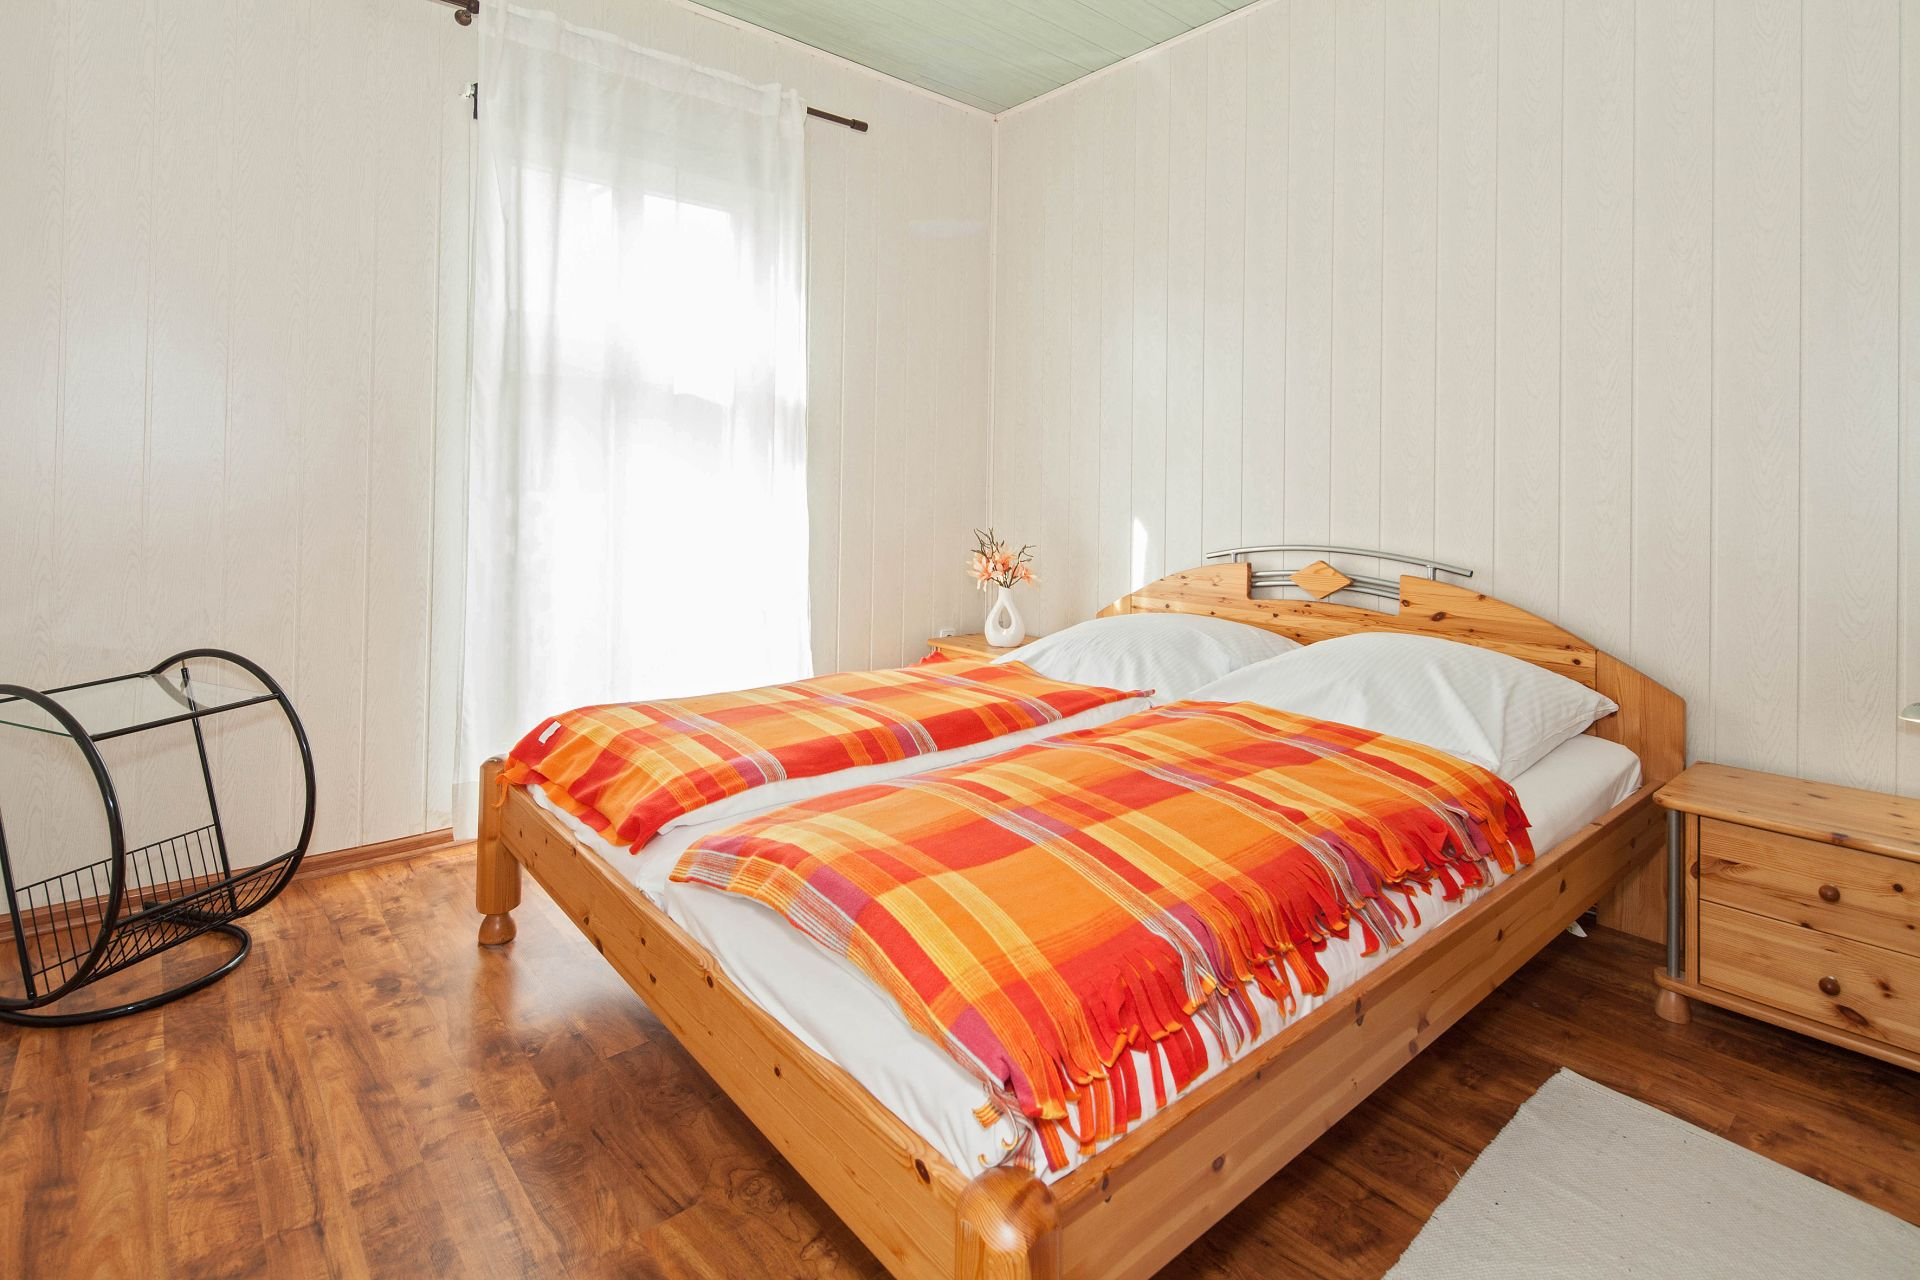 IMG 8119 Aufnachusedom Ferienwohnung Ferienhaus und Meehr Ahlbeck Bansin Usedom Insel 14 - Ferienhaus Ahlbeck